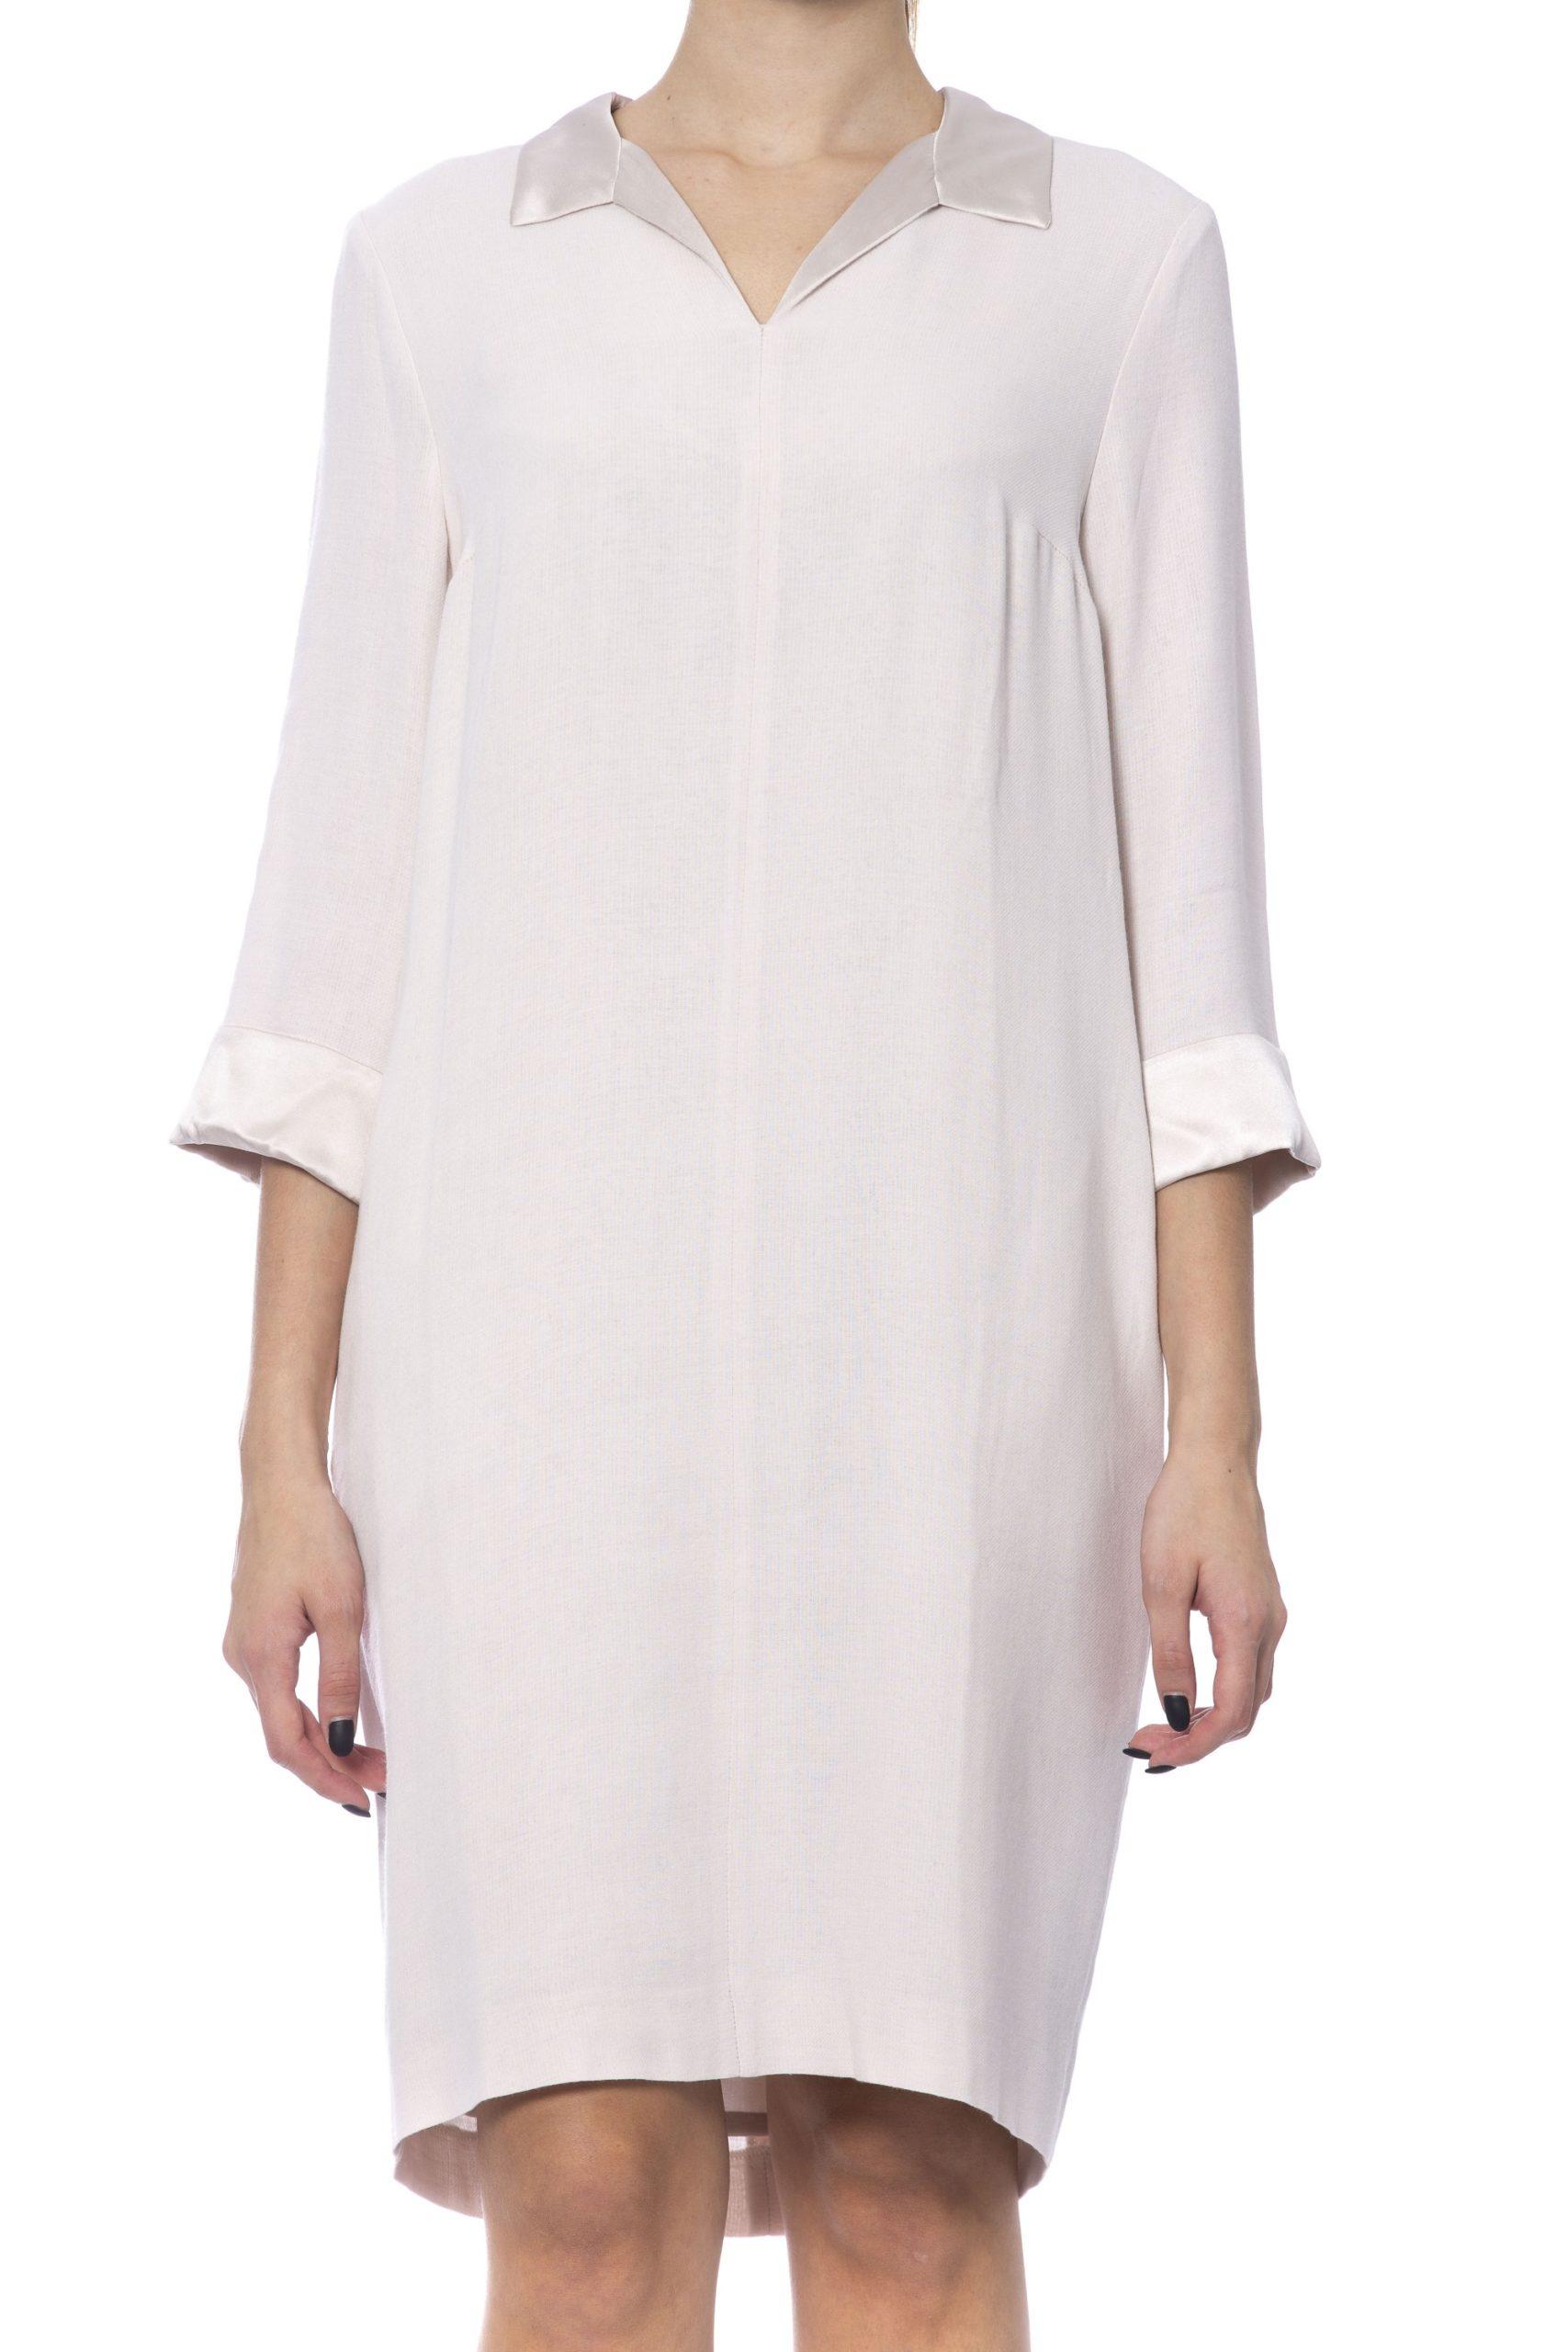 Peserico Women's Dress Beige PE992280 - IT42 | S